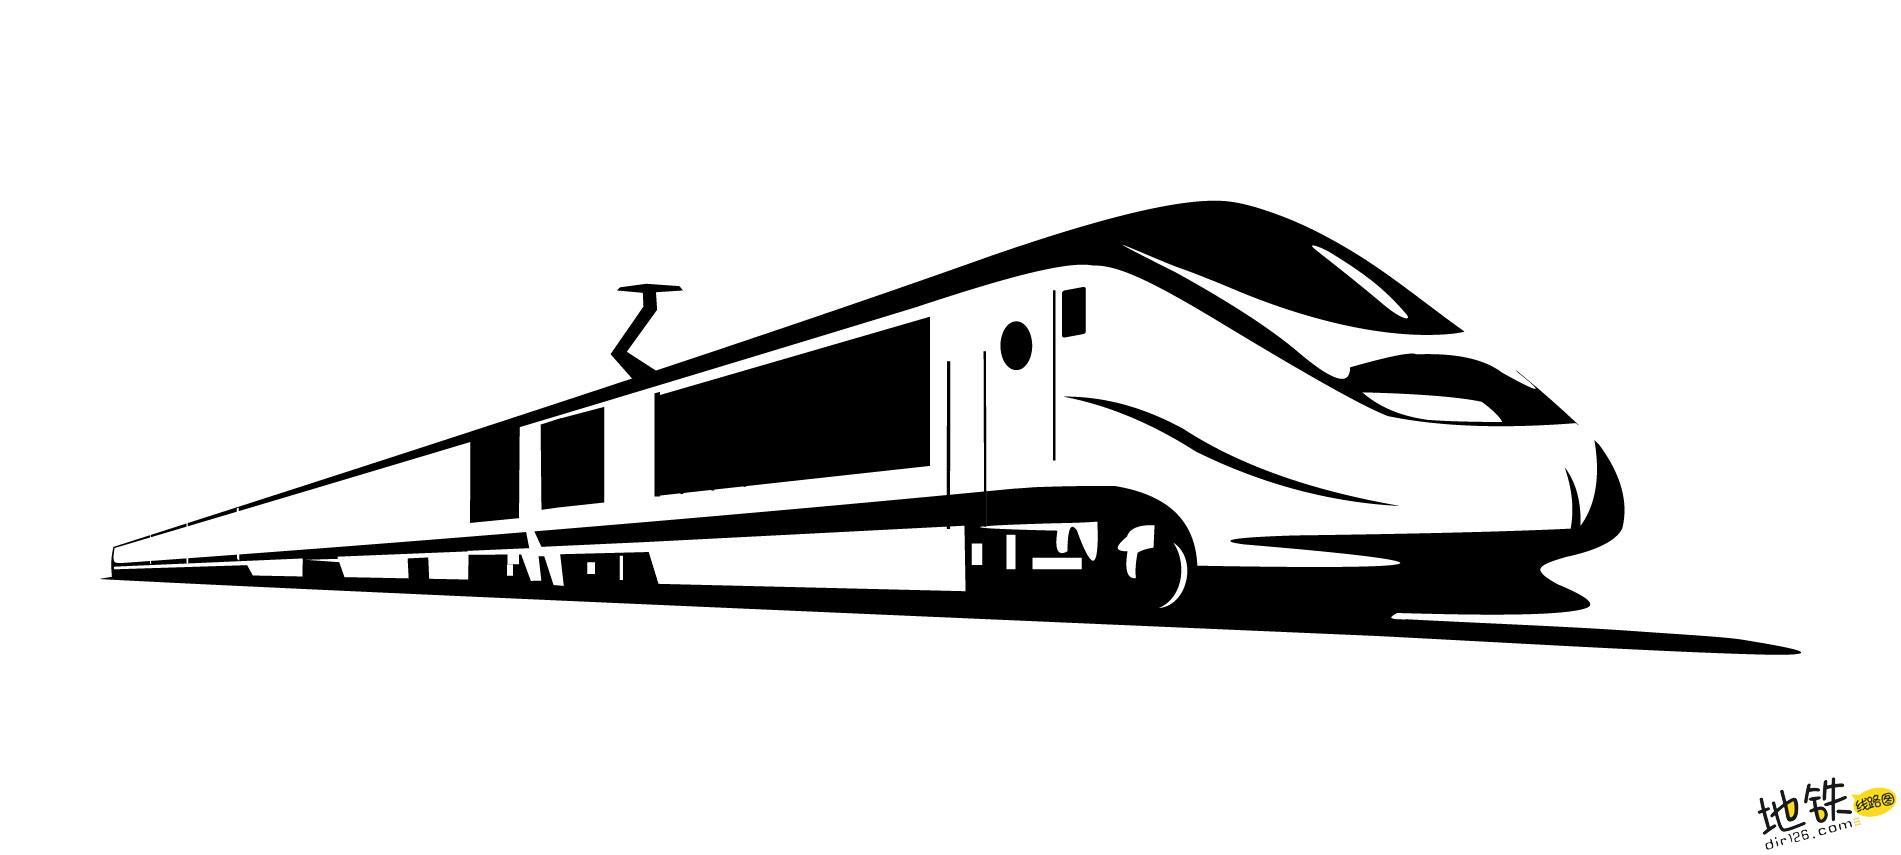 什么样的铁路叫高速铁路?